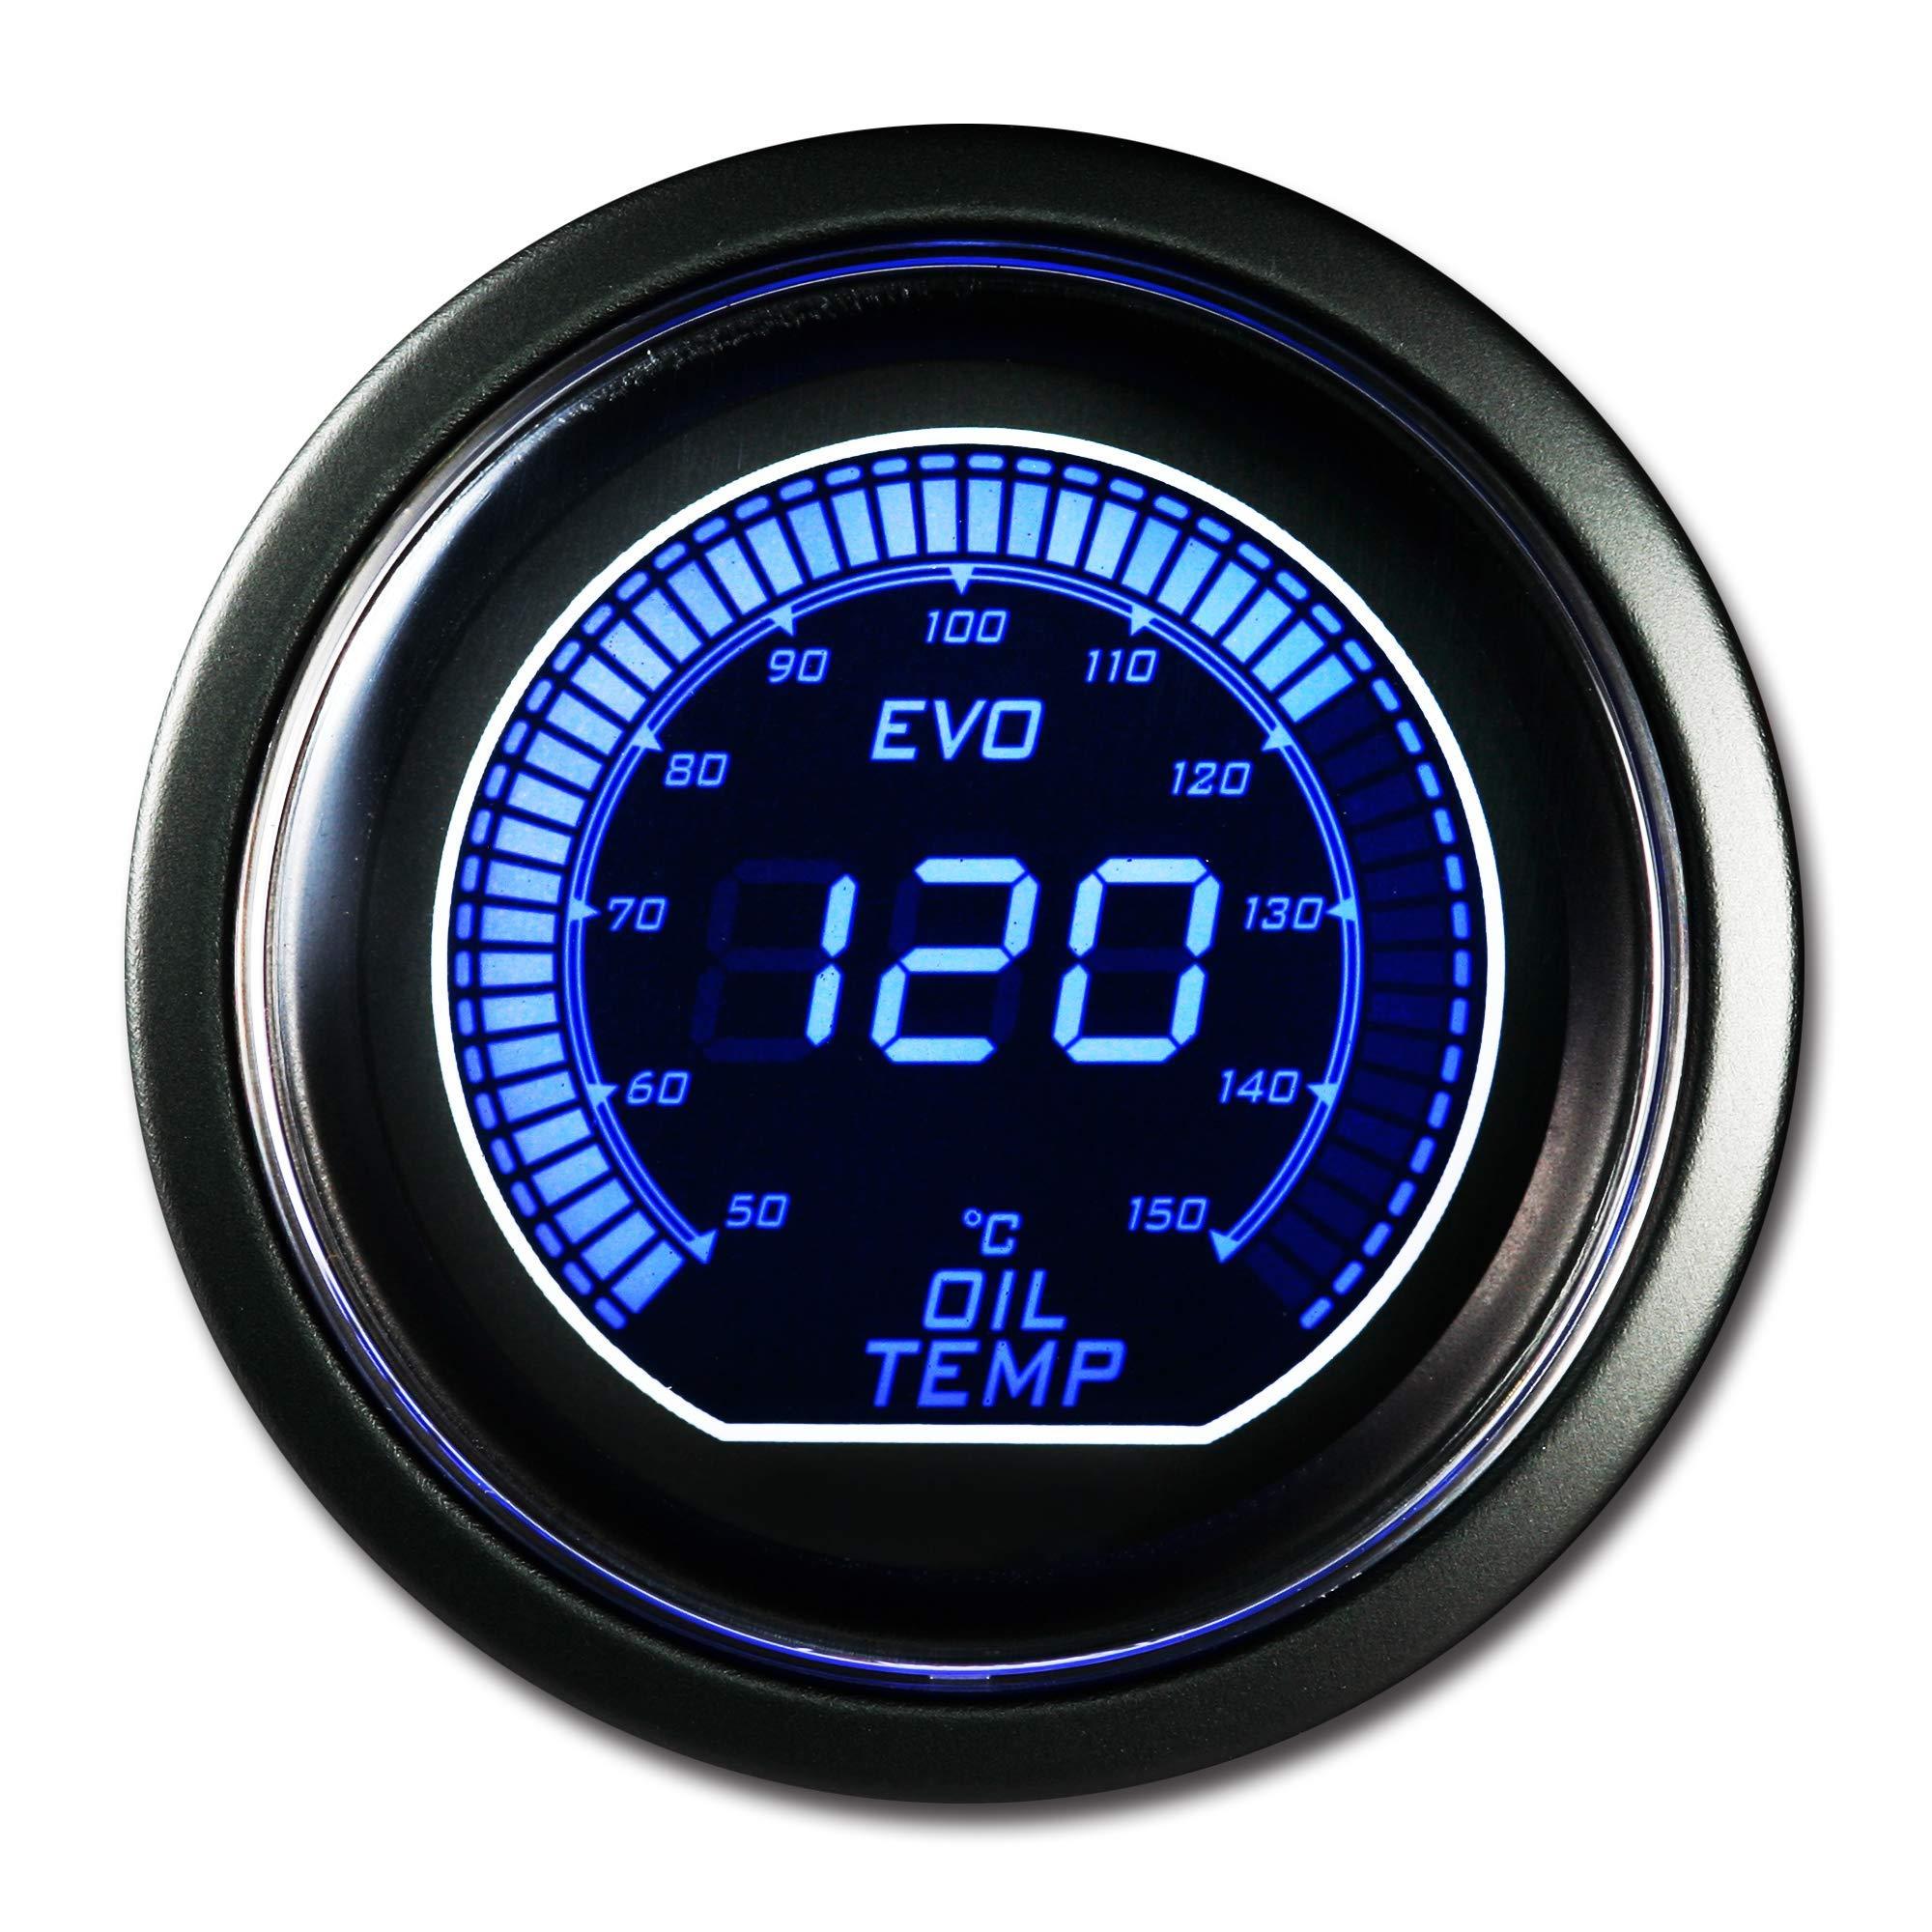 MOTOR METER RACING EVO Series Oil Temperature Gauge C Blue Red Backlit Included Sensor Kits by MOTOR METER RACING